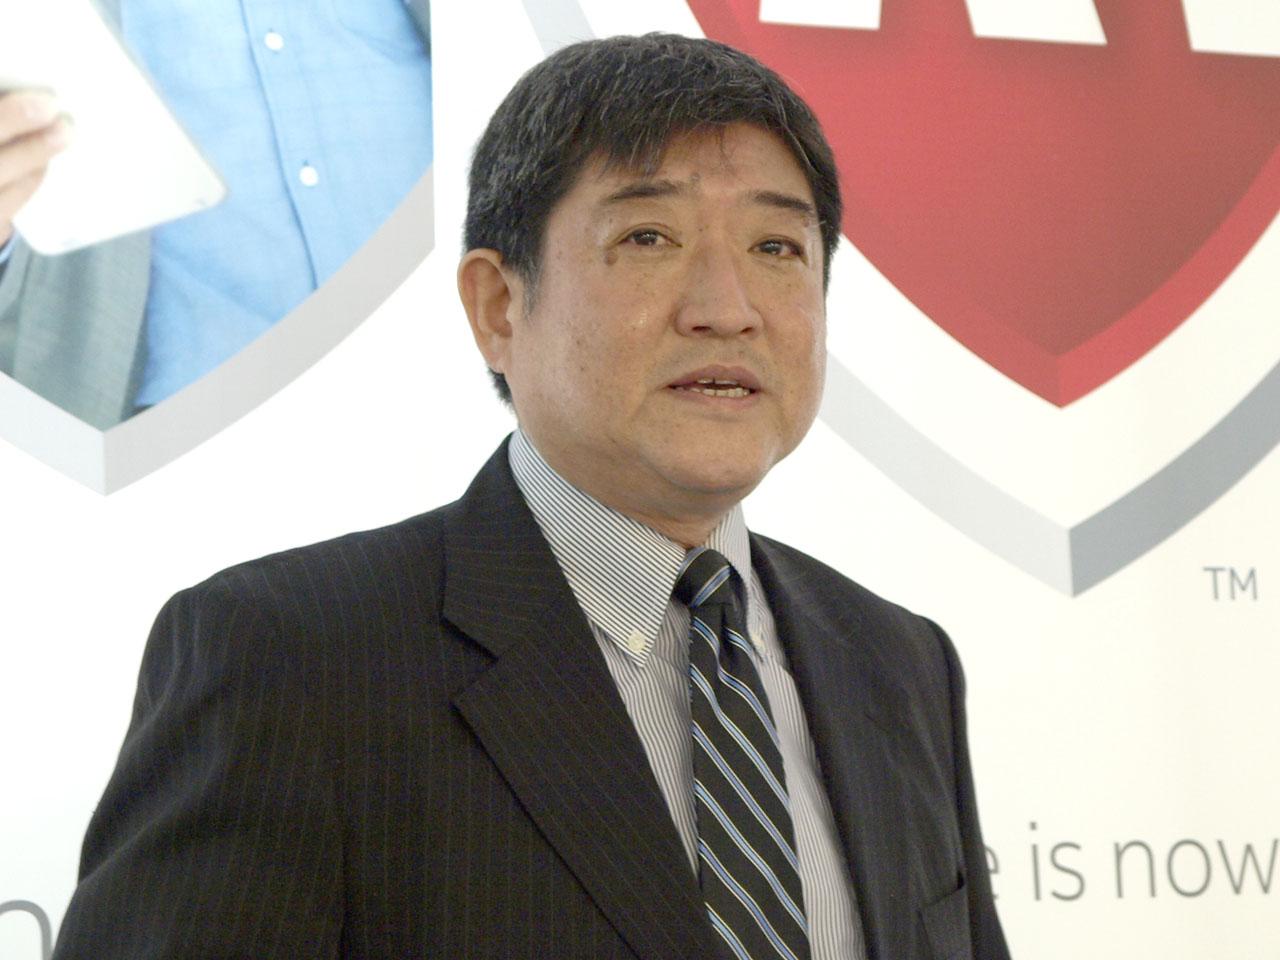 マカフィー株式会社コンシューマ事業統括取締役専務執行役員の田中辰夫氏